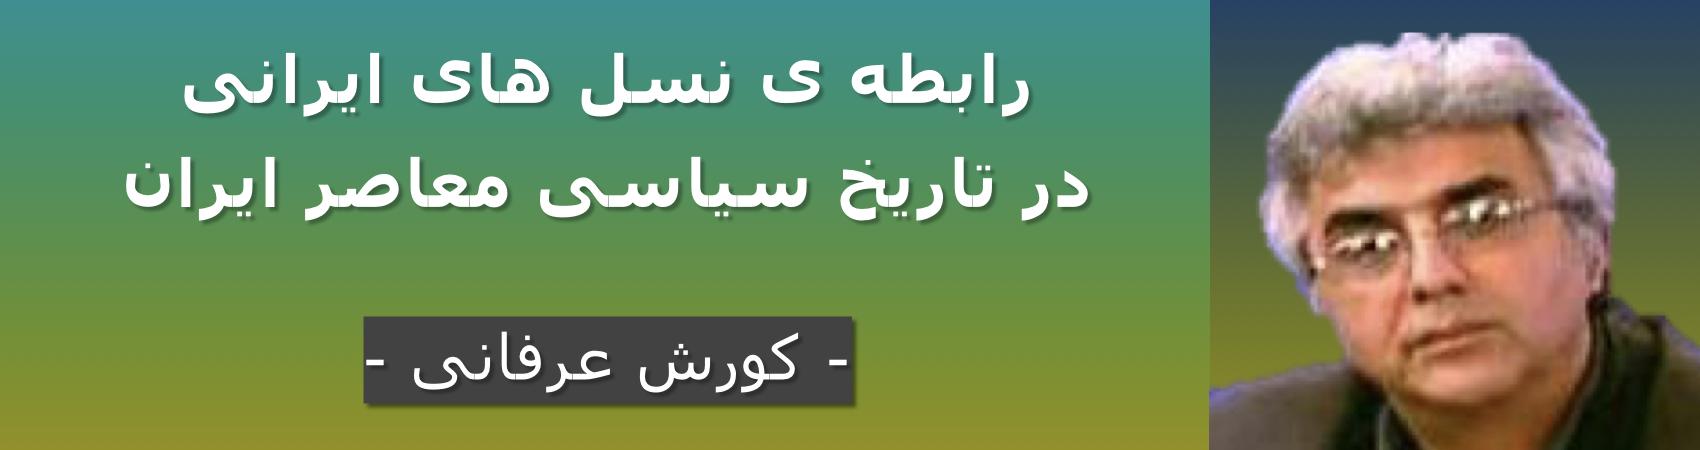 رابطه ی نسل های ایرانی در تاریخ سیاسی معاصر ایران